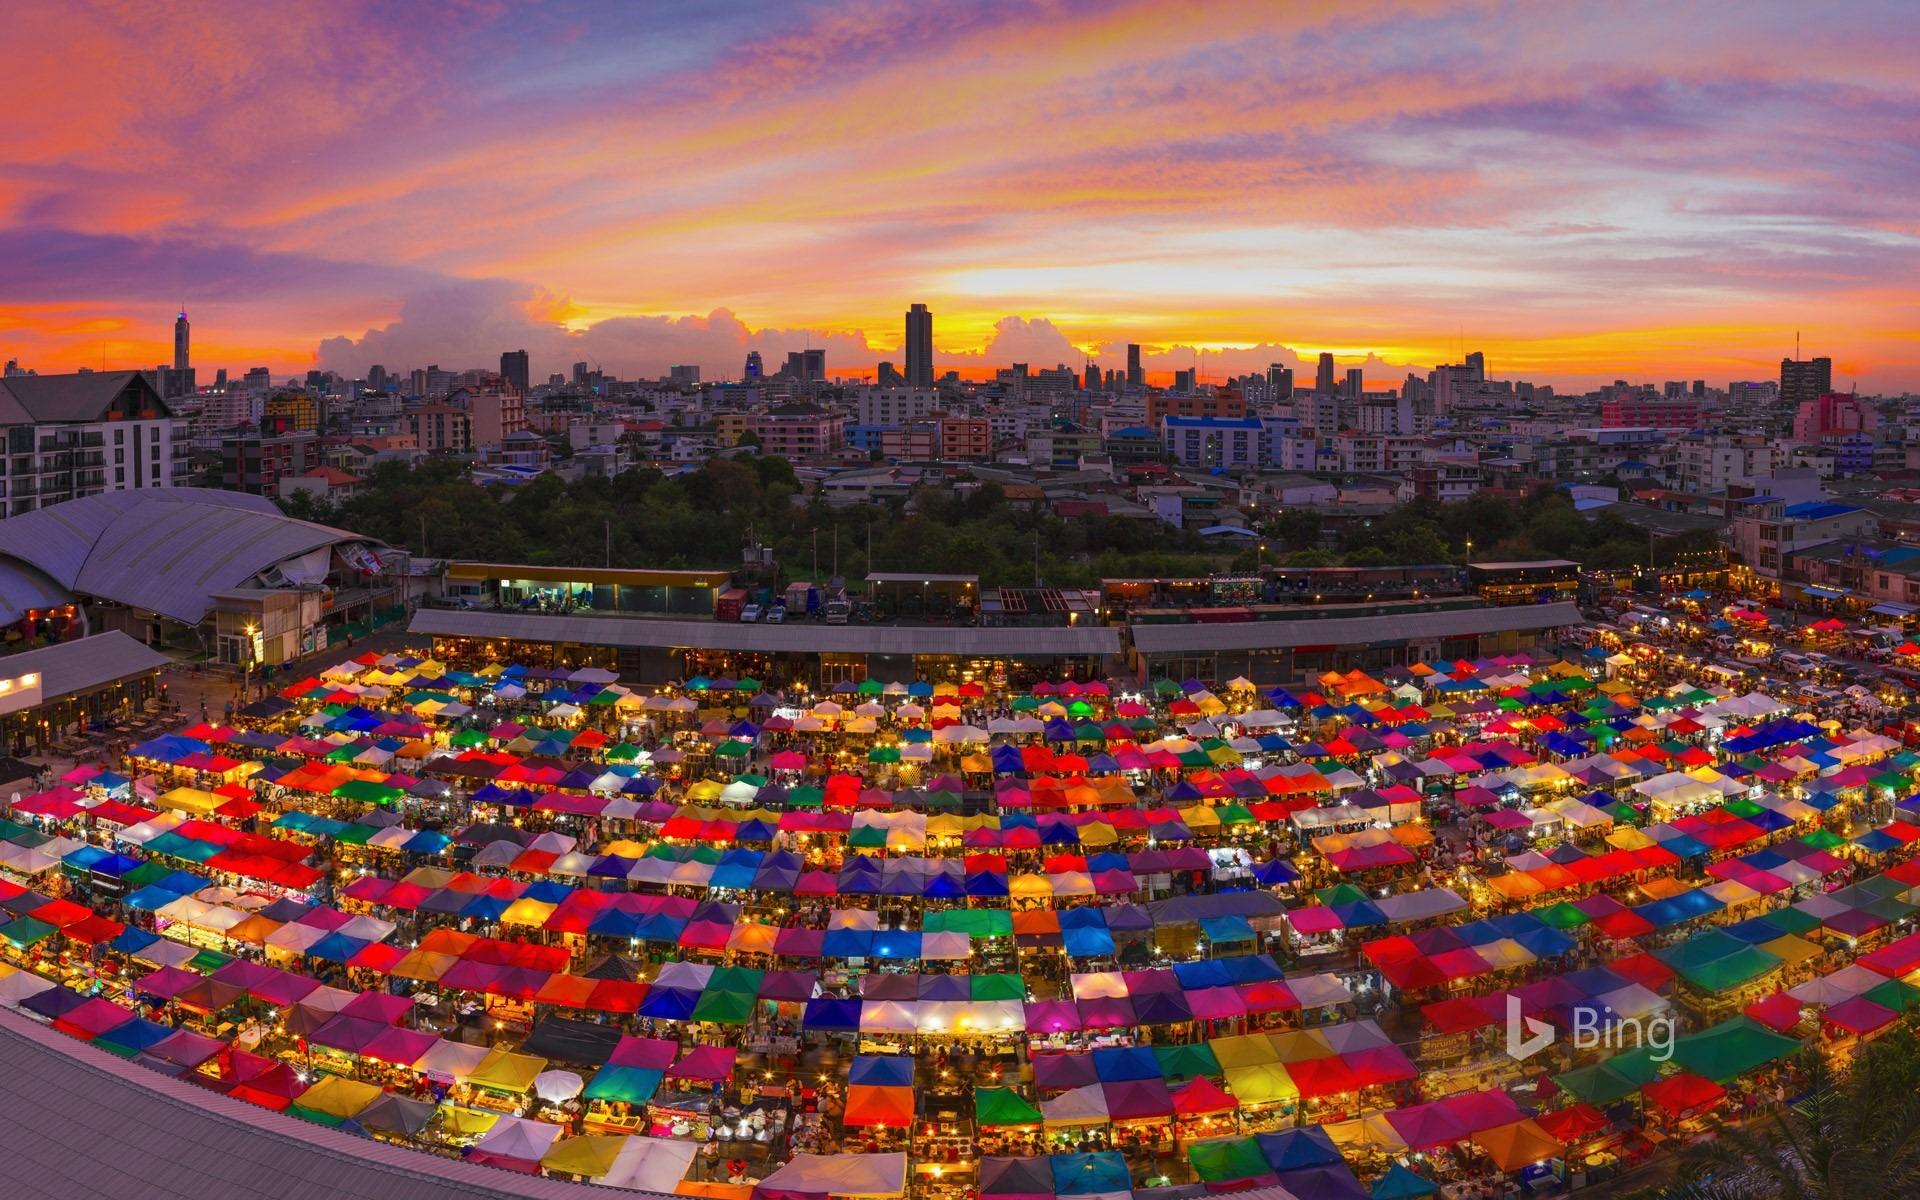 Thailand Bangkok Ratchada Night Market 2016 Bing Desktop